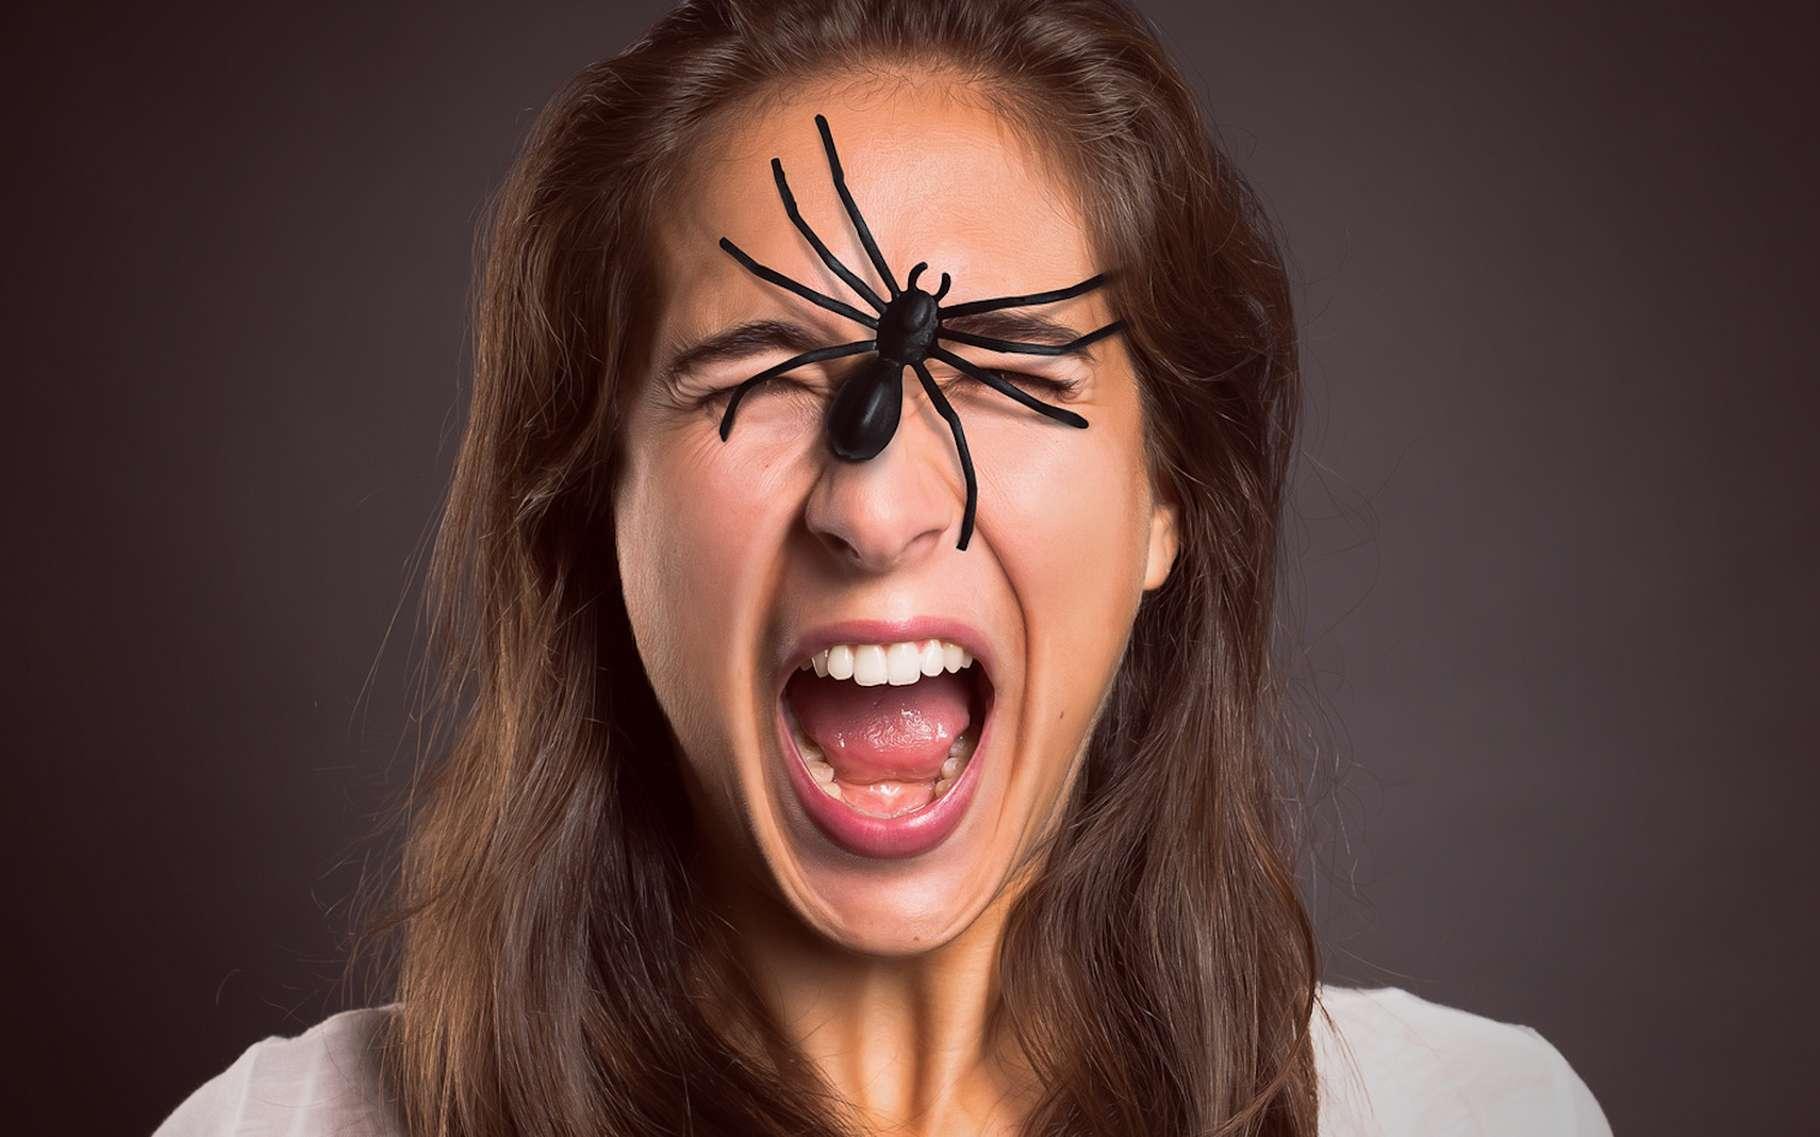 En matière de peur des araignées ou arachnophobie, les thérapies cognitivo-comportementales donnent de bons résultats. © lassedesignen, Fotolia